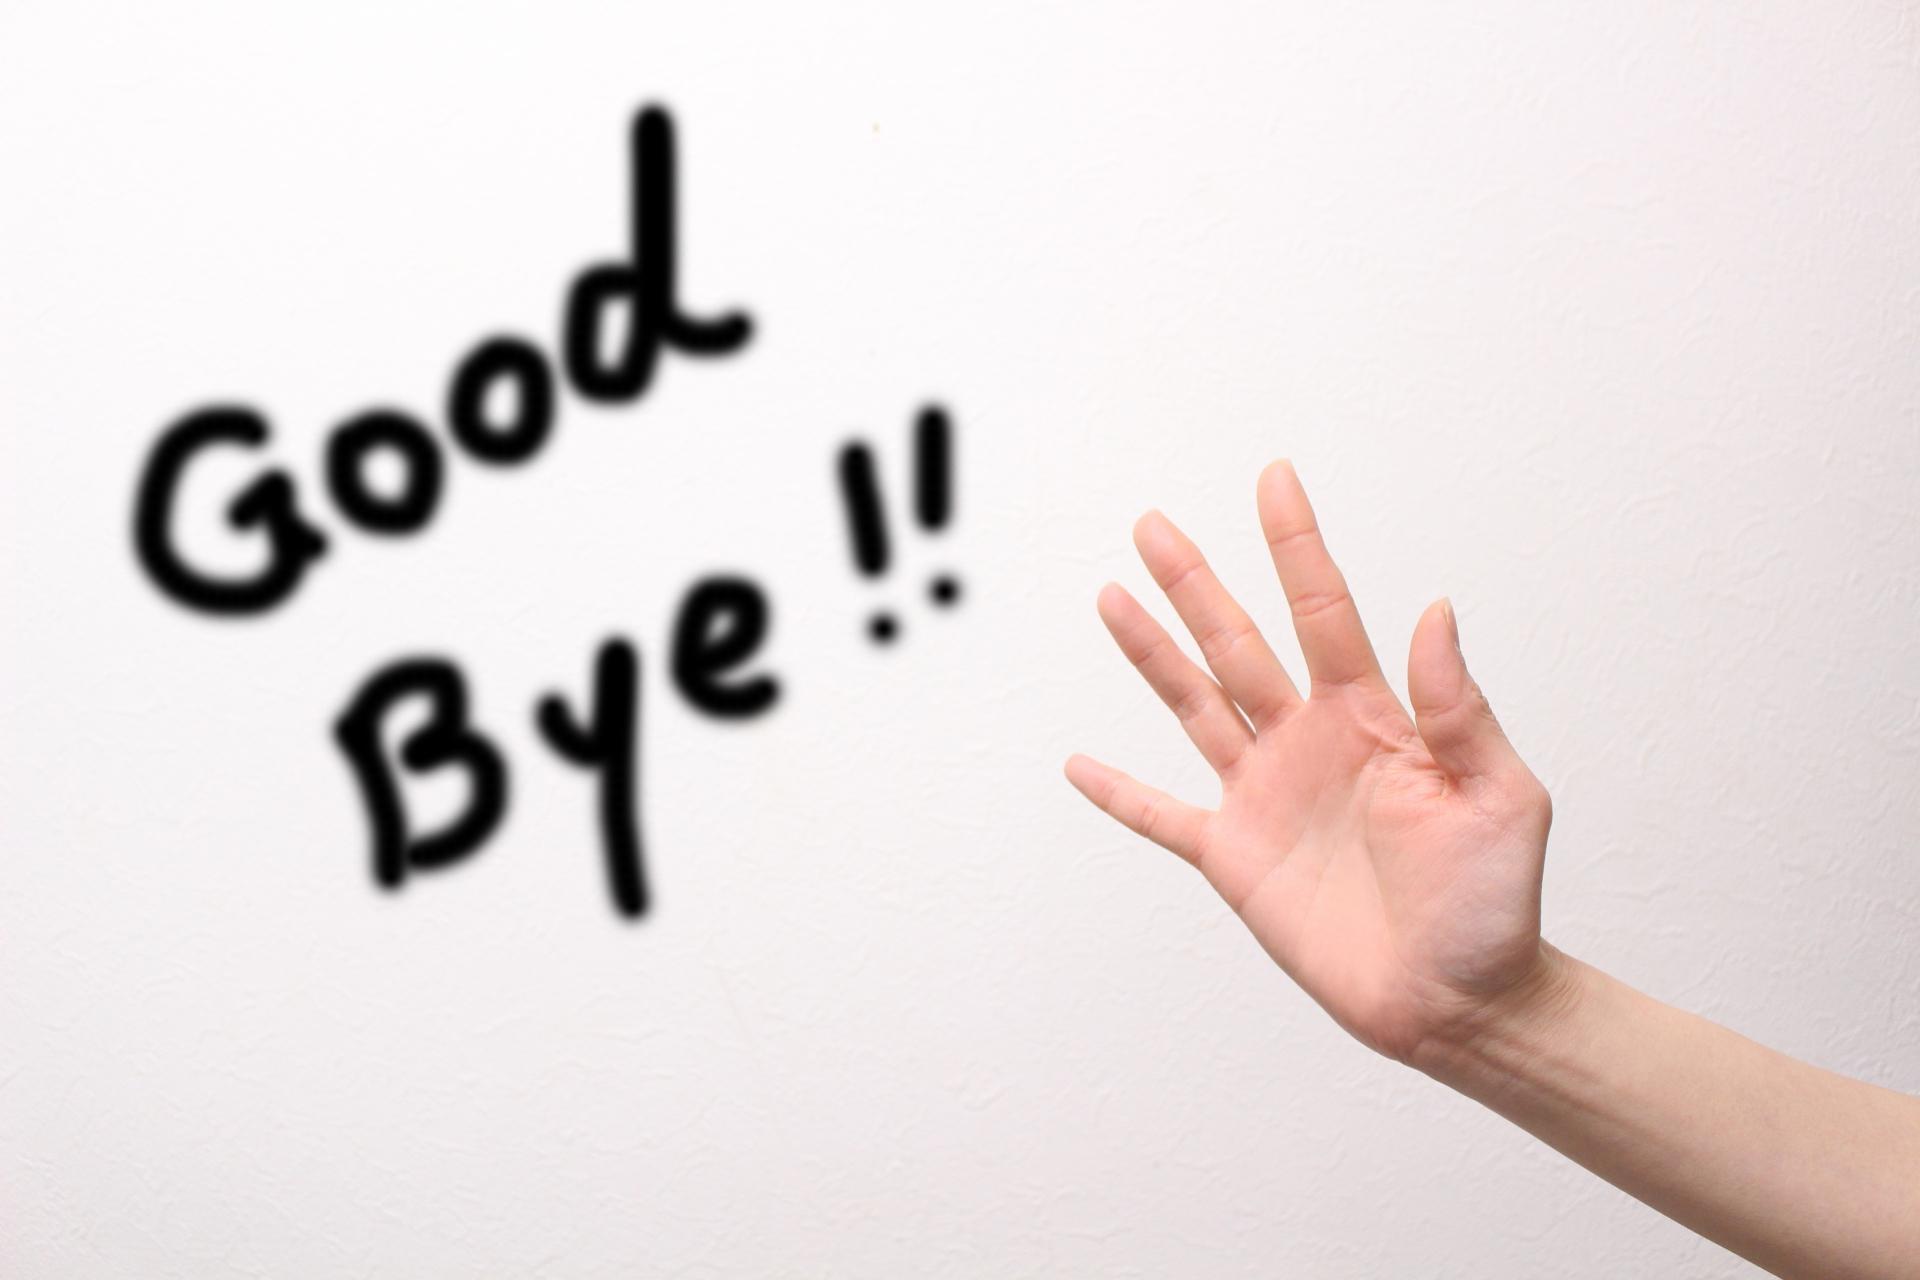 good bye さよなら 解約 卒業